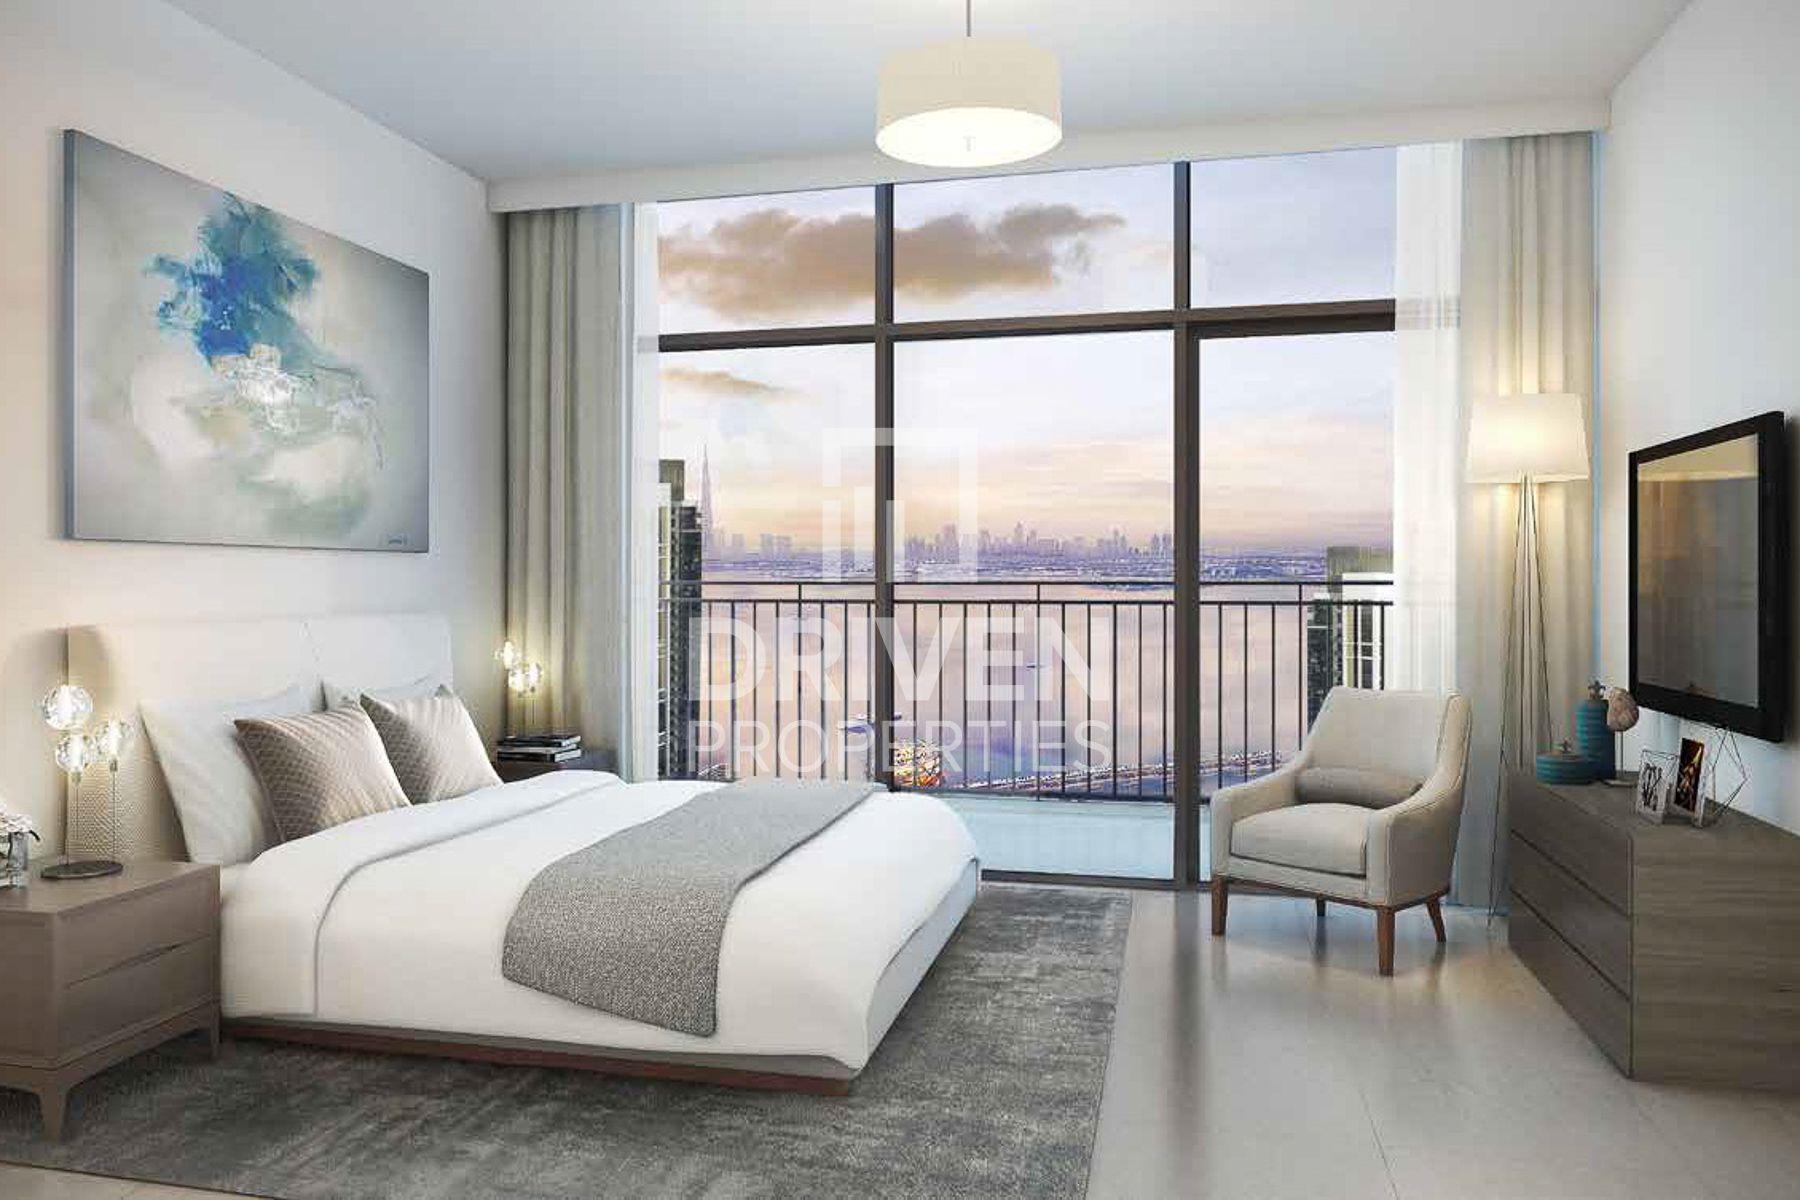 1,610 قدم مربع  شقة - للبيع - ميناء خور دبي